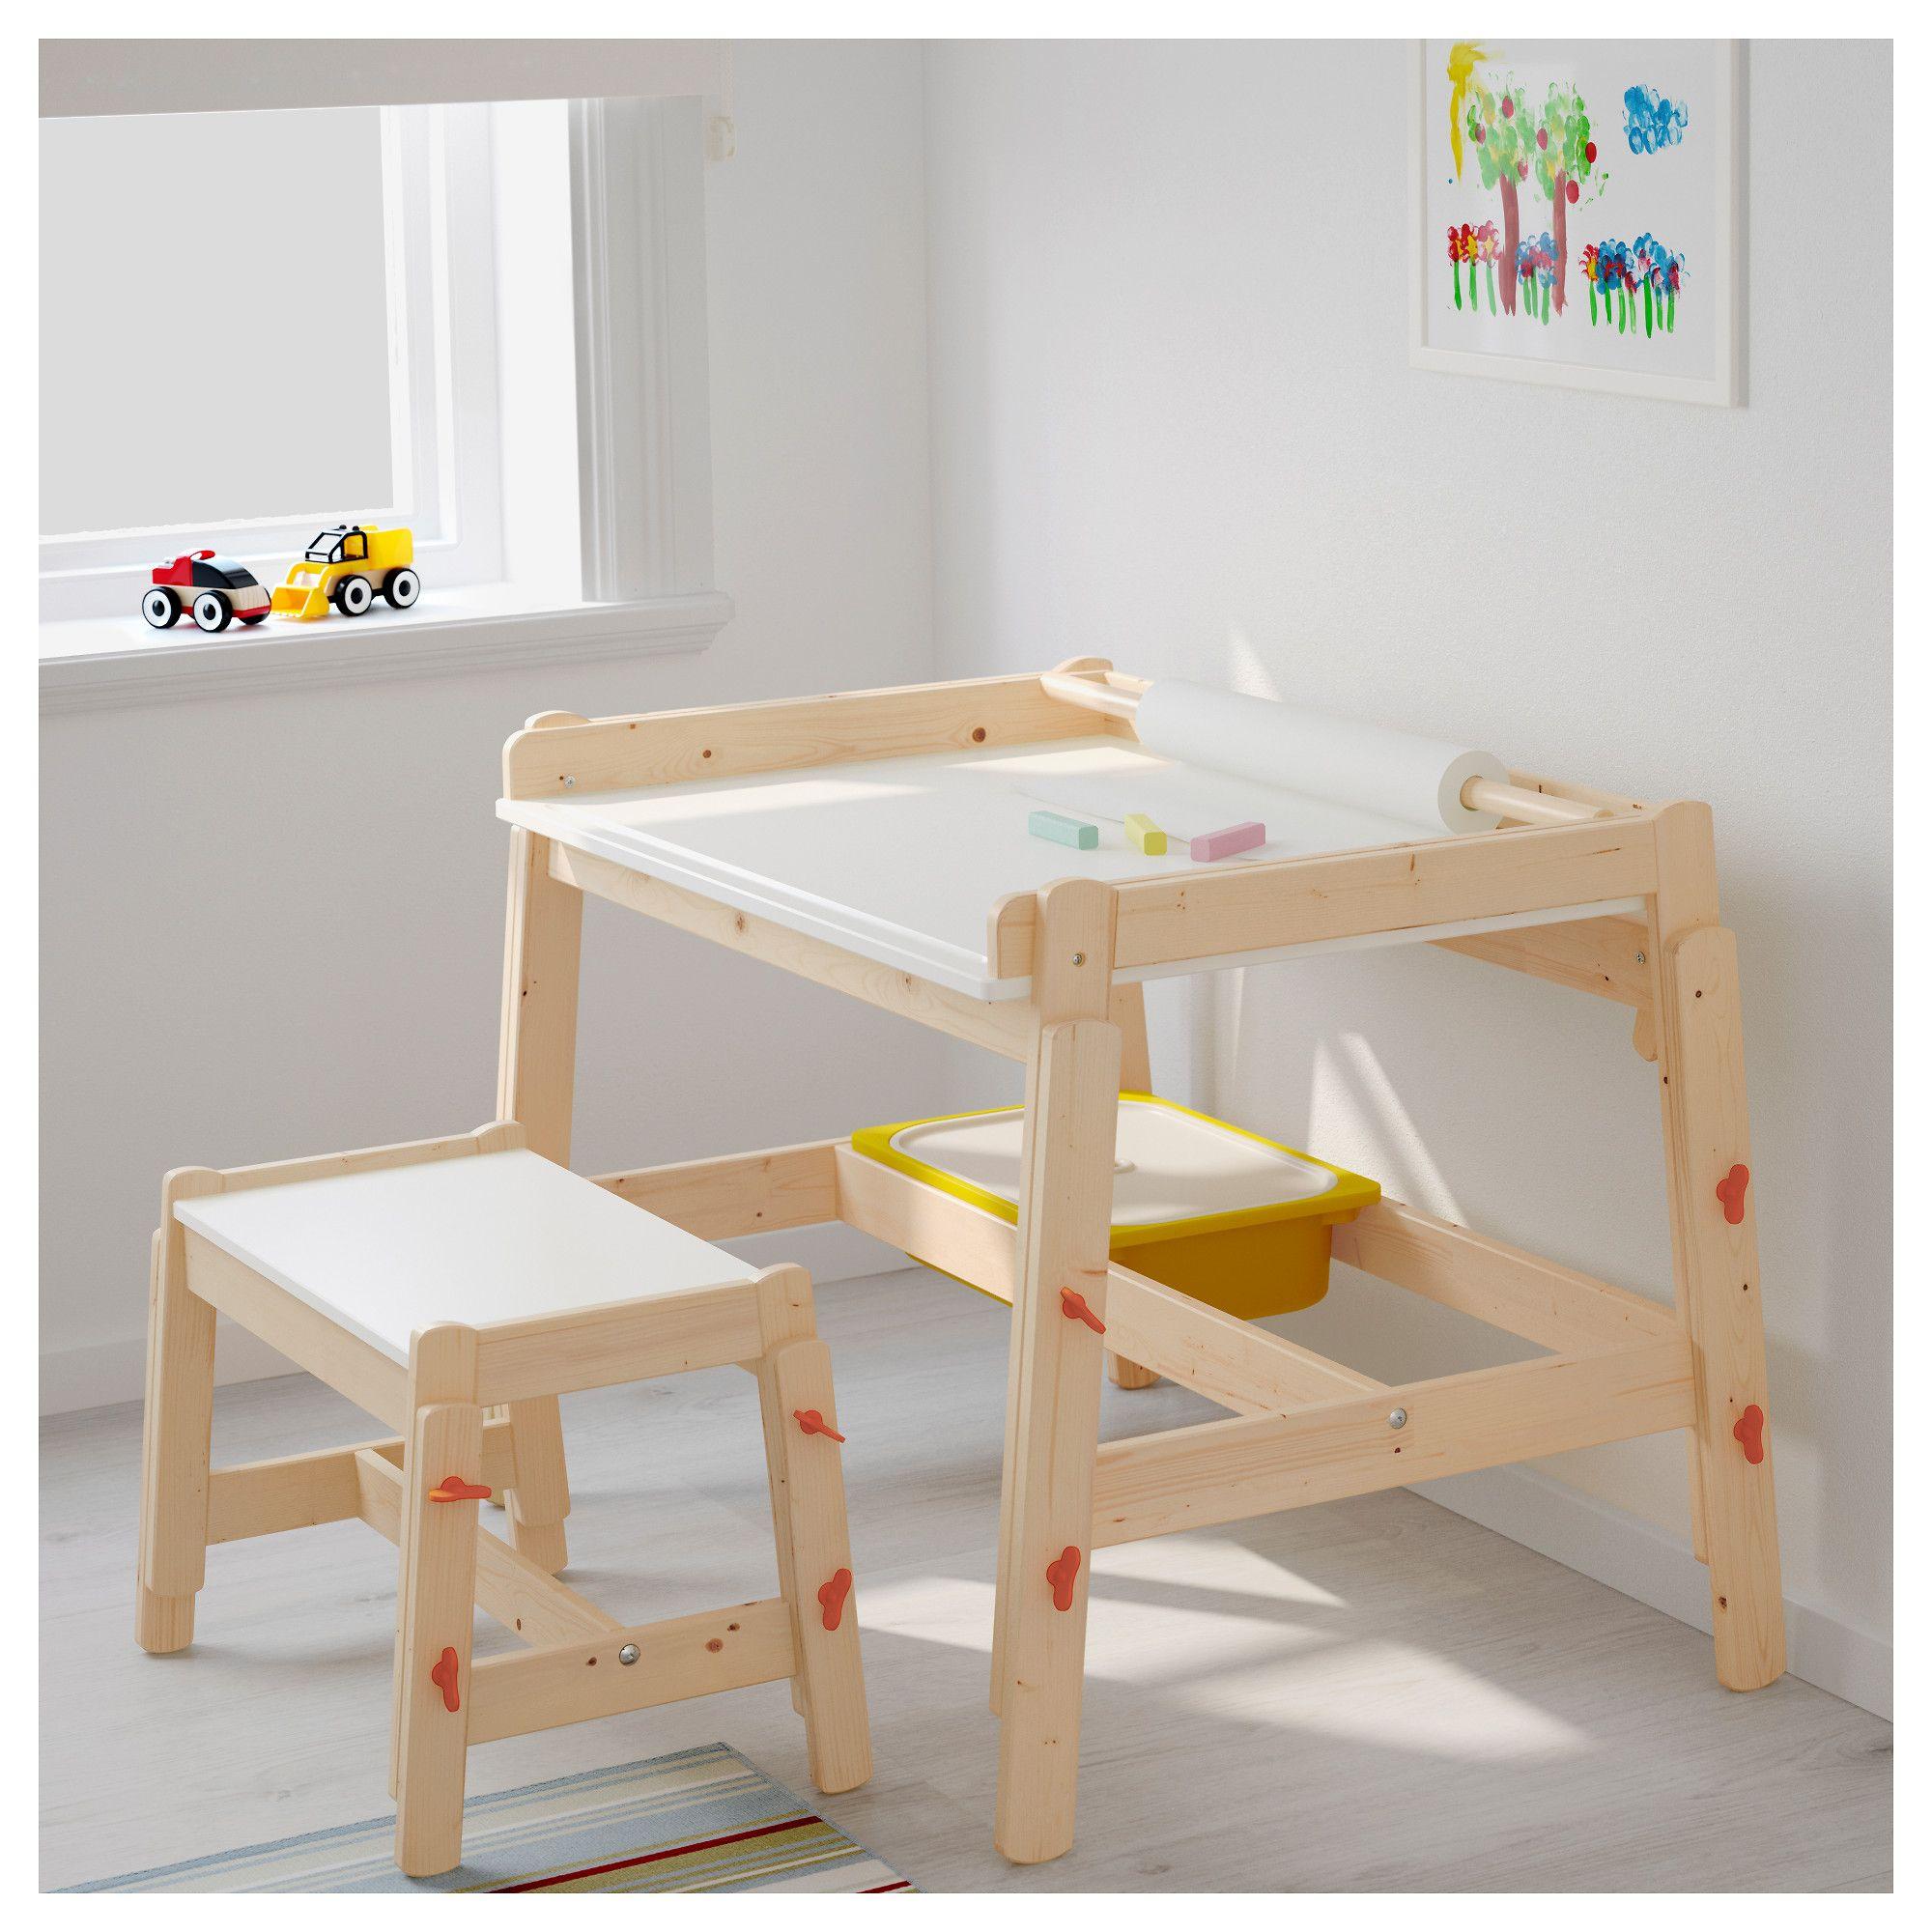 Ikea flisat childs bench adjustable childrens desk